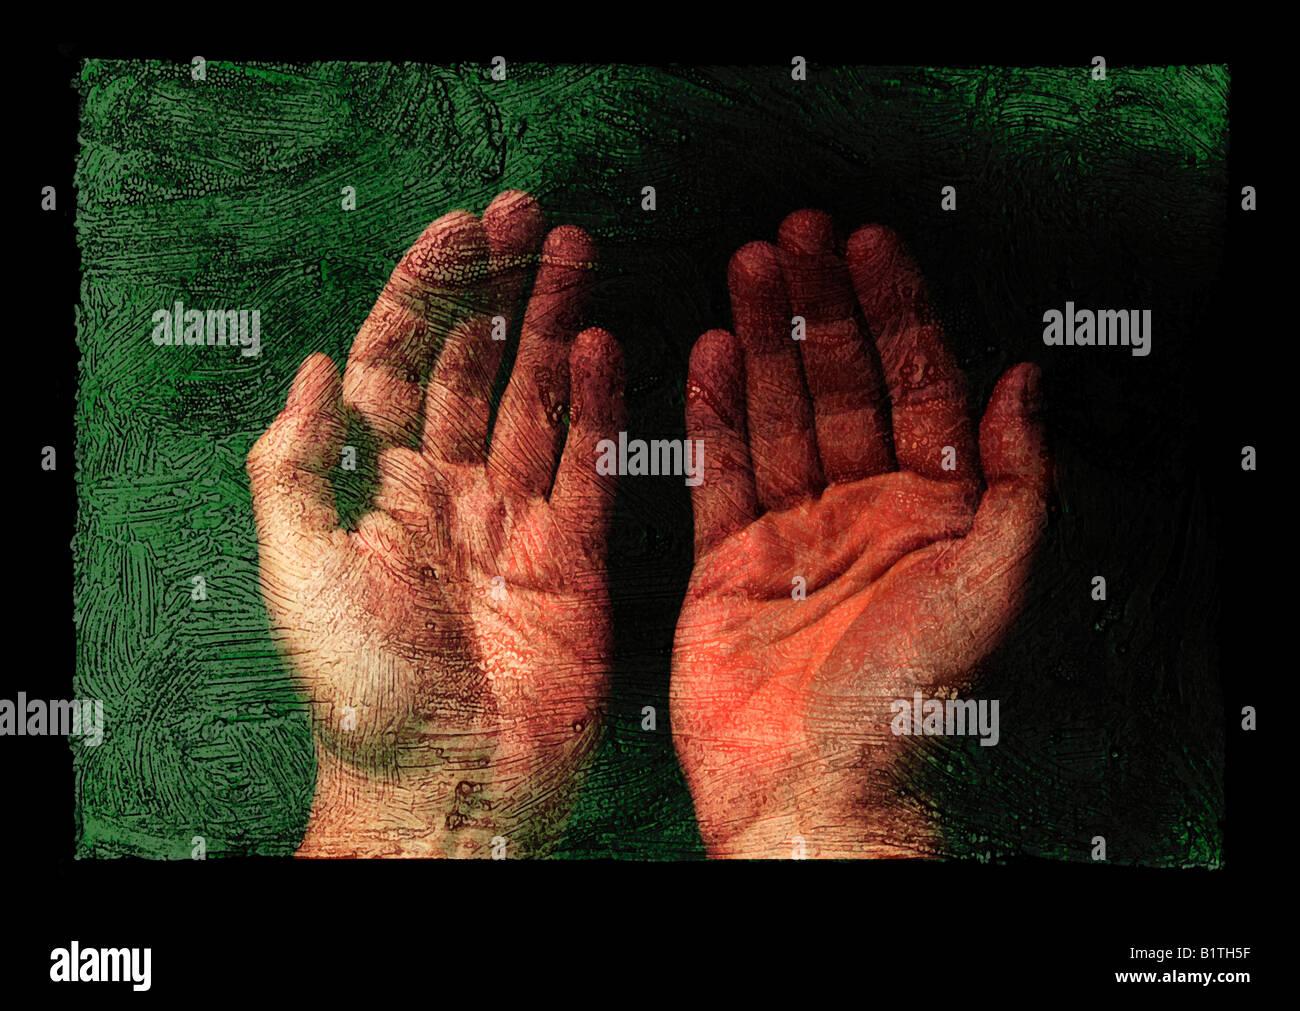 Mains sur la fresque Photo Stock